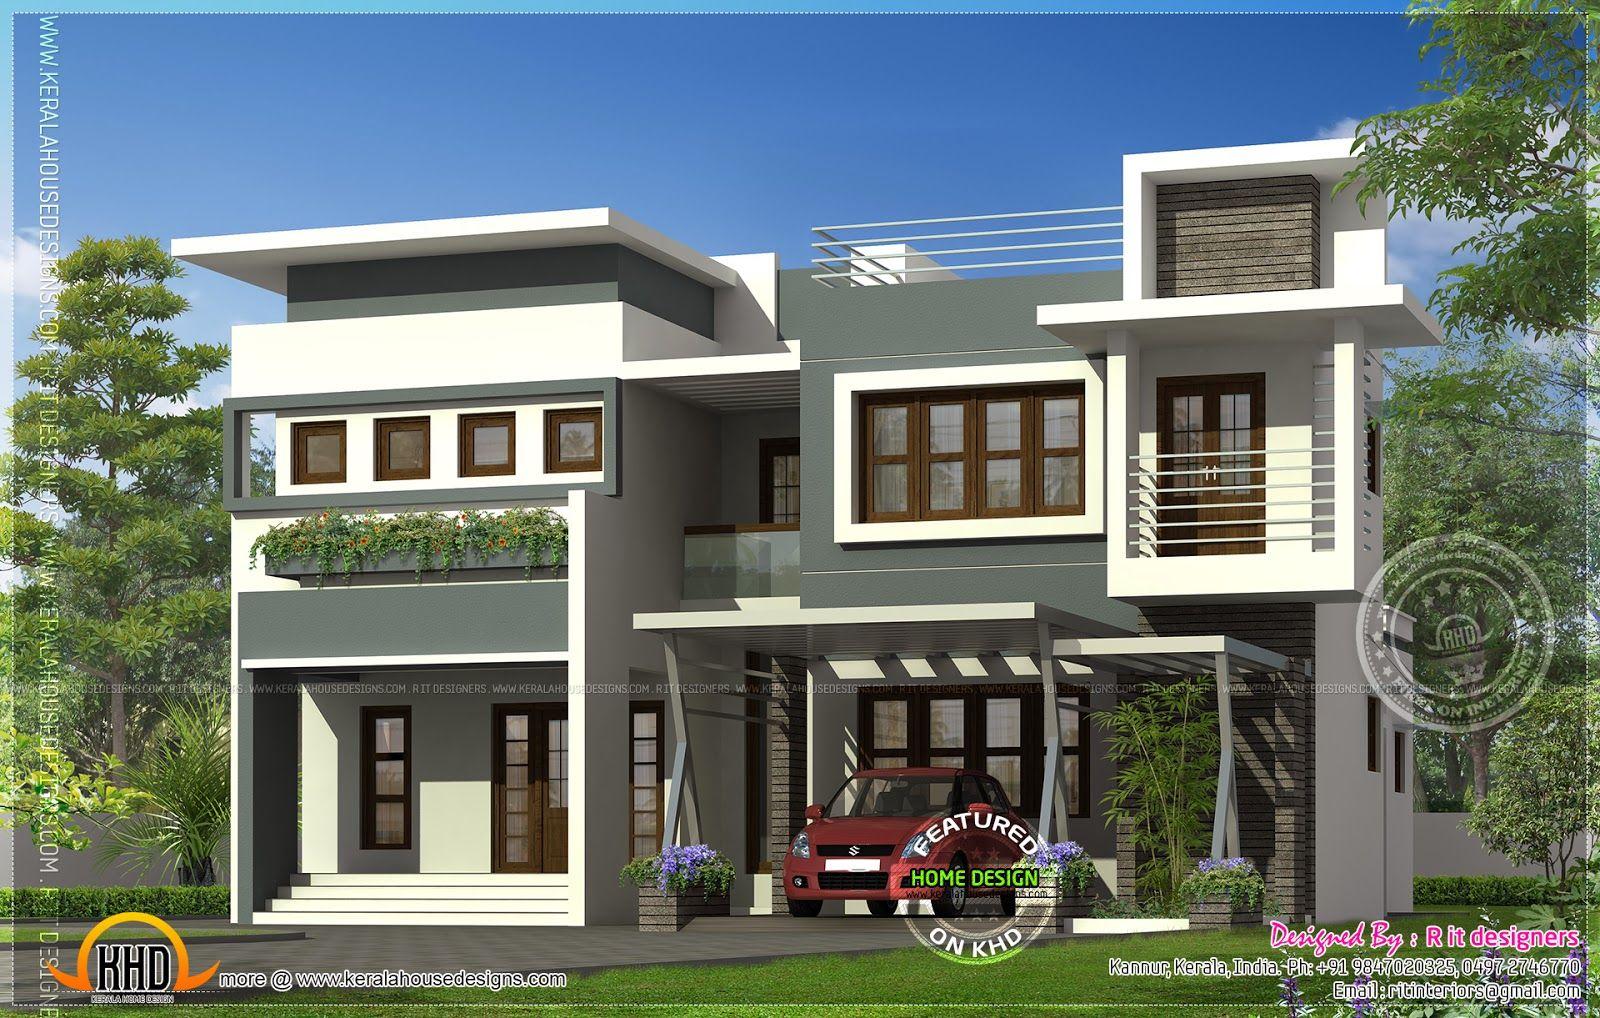 modern house kannur jpg 1600 1018 real estate pinterest